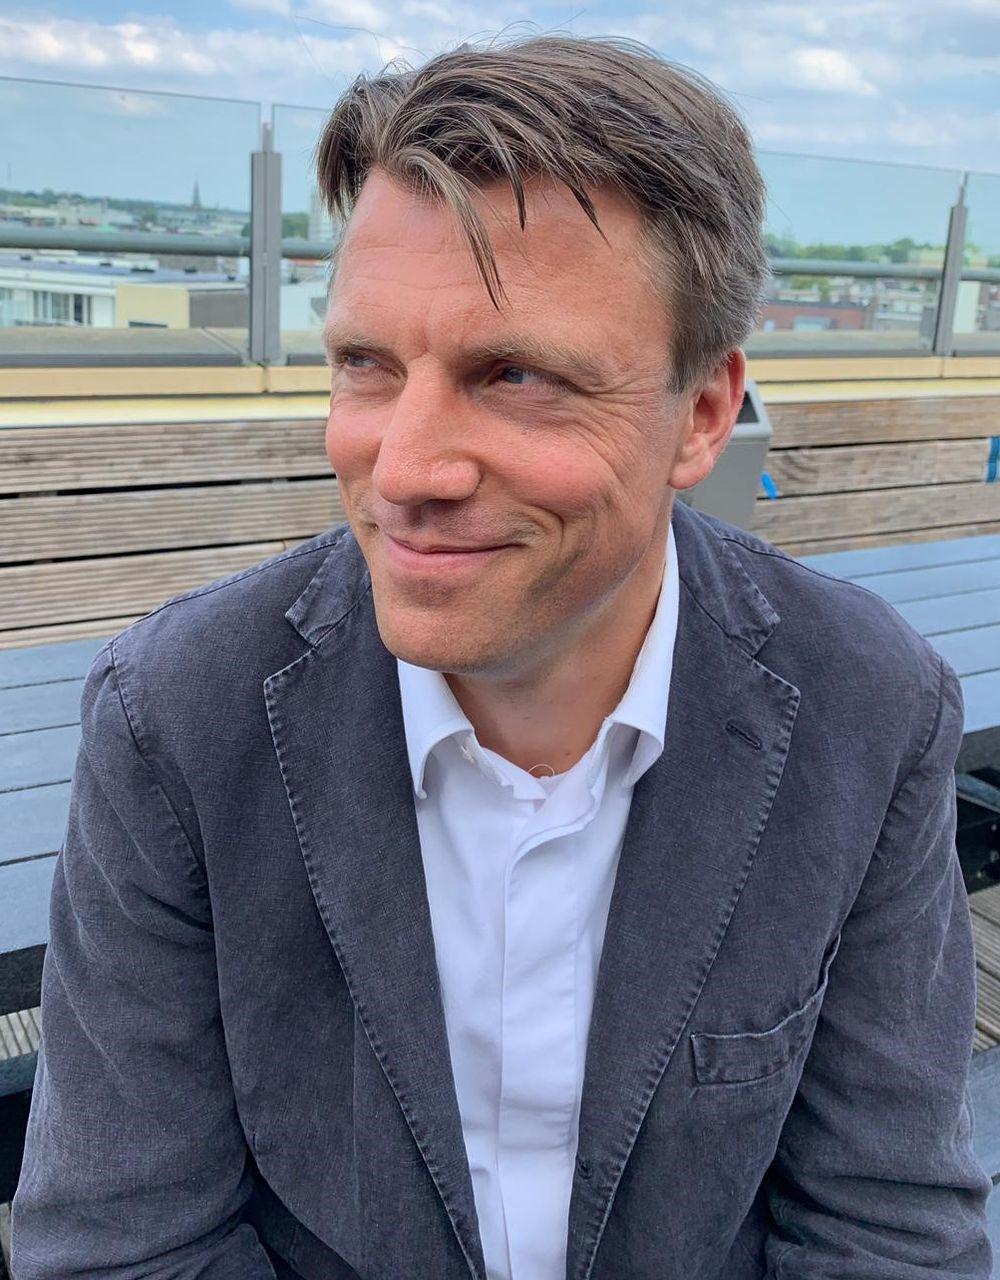 Hessel Ruijgh, Uhren-Enthusiast und Country Manager Germany bei Watchfinder & Co.